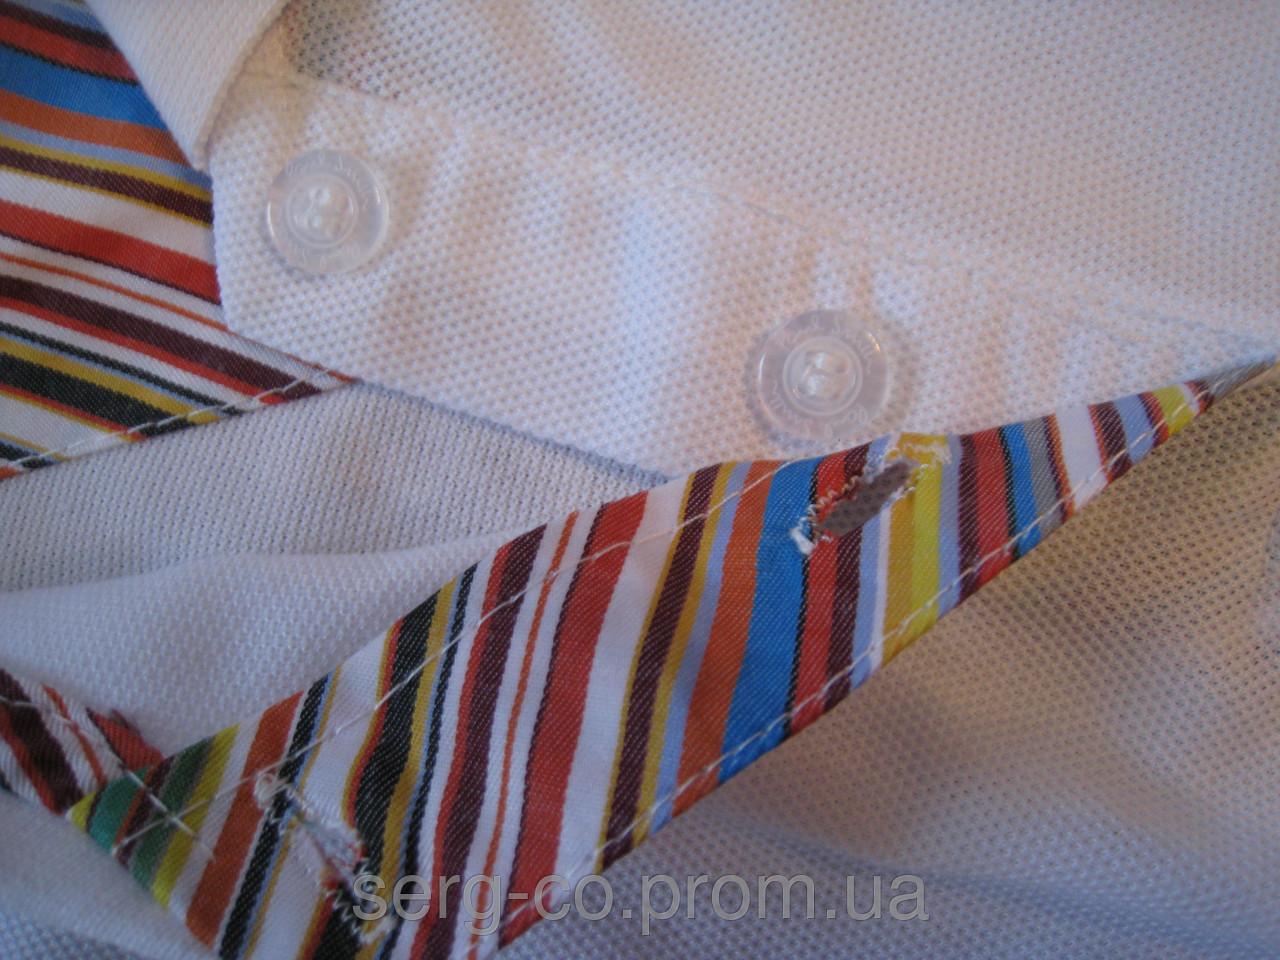 PAUL SMITH женские футболки поло поло купить в Украине, фото 1